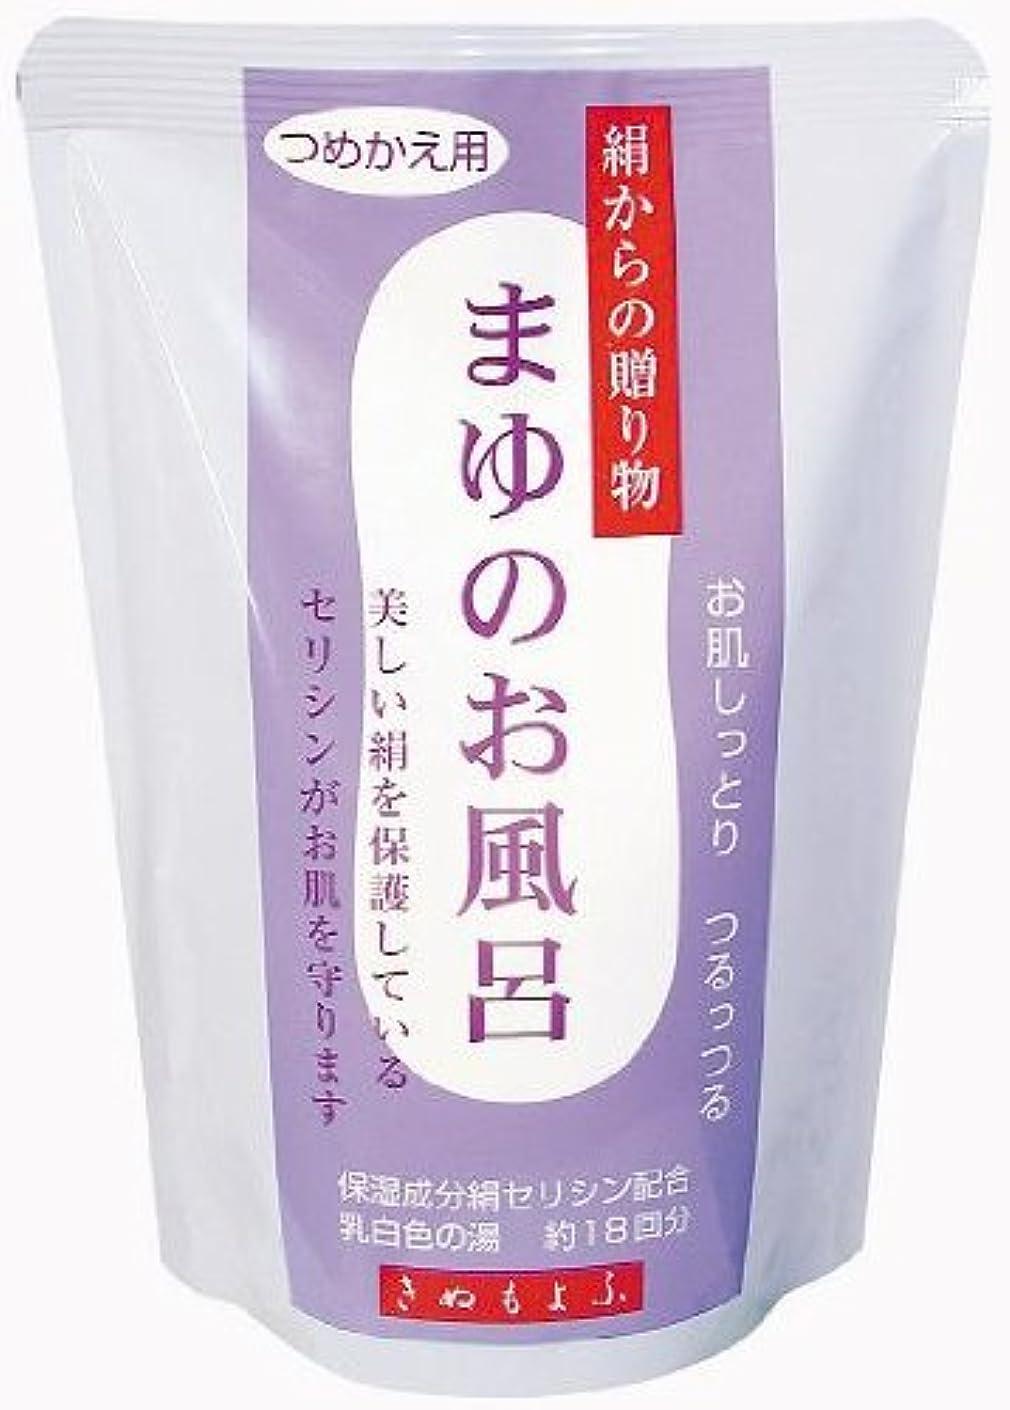 一認証時々時々まゆシリーズ きぬもよふ まゆのお風呂詰替 浴用化粧料 450ml(約18回分)